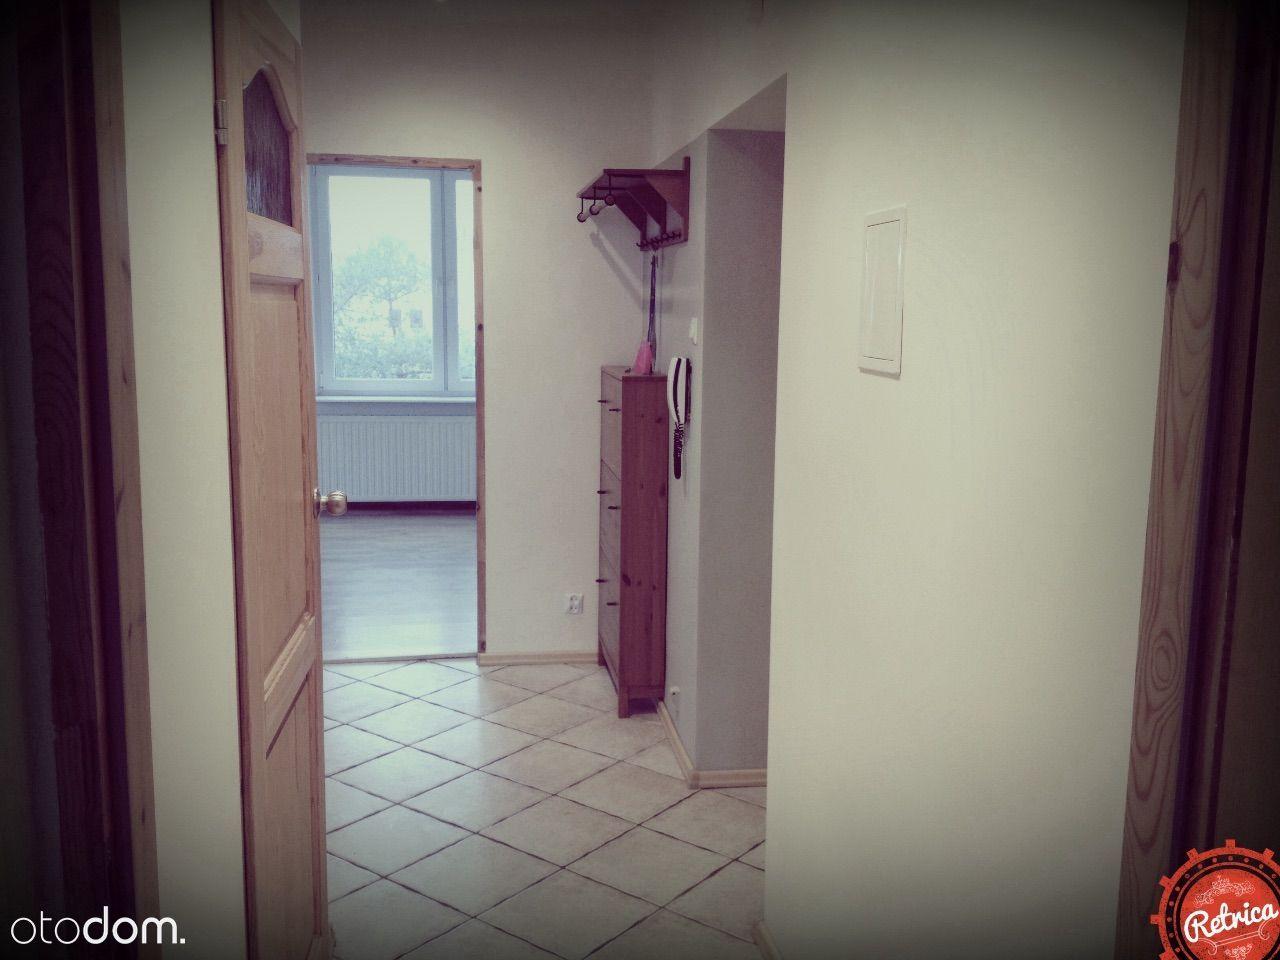 2 Pokoje Mieszkanie Na Sprzedaż Gliwice łabędy 58799988 Www